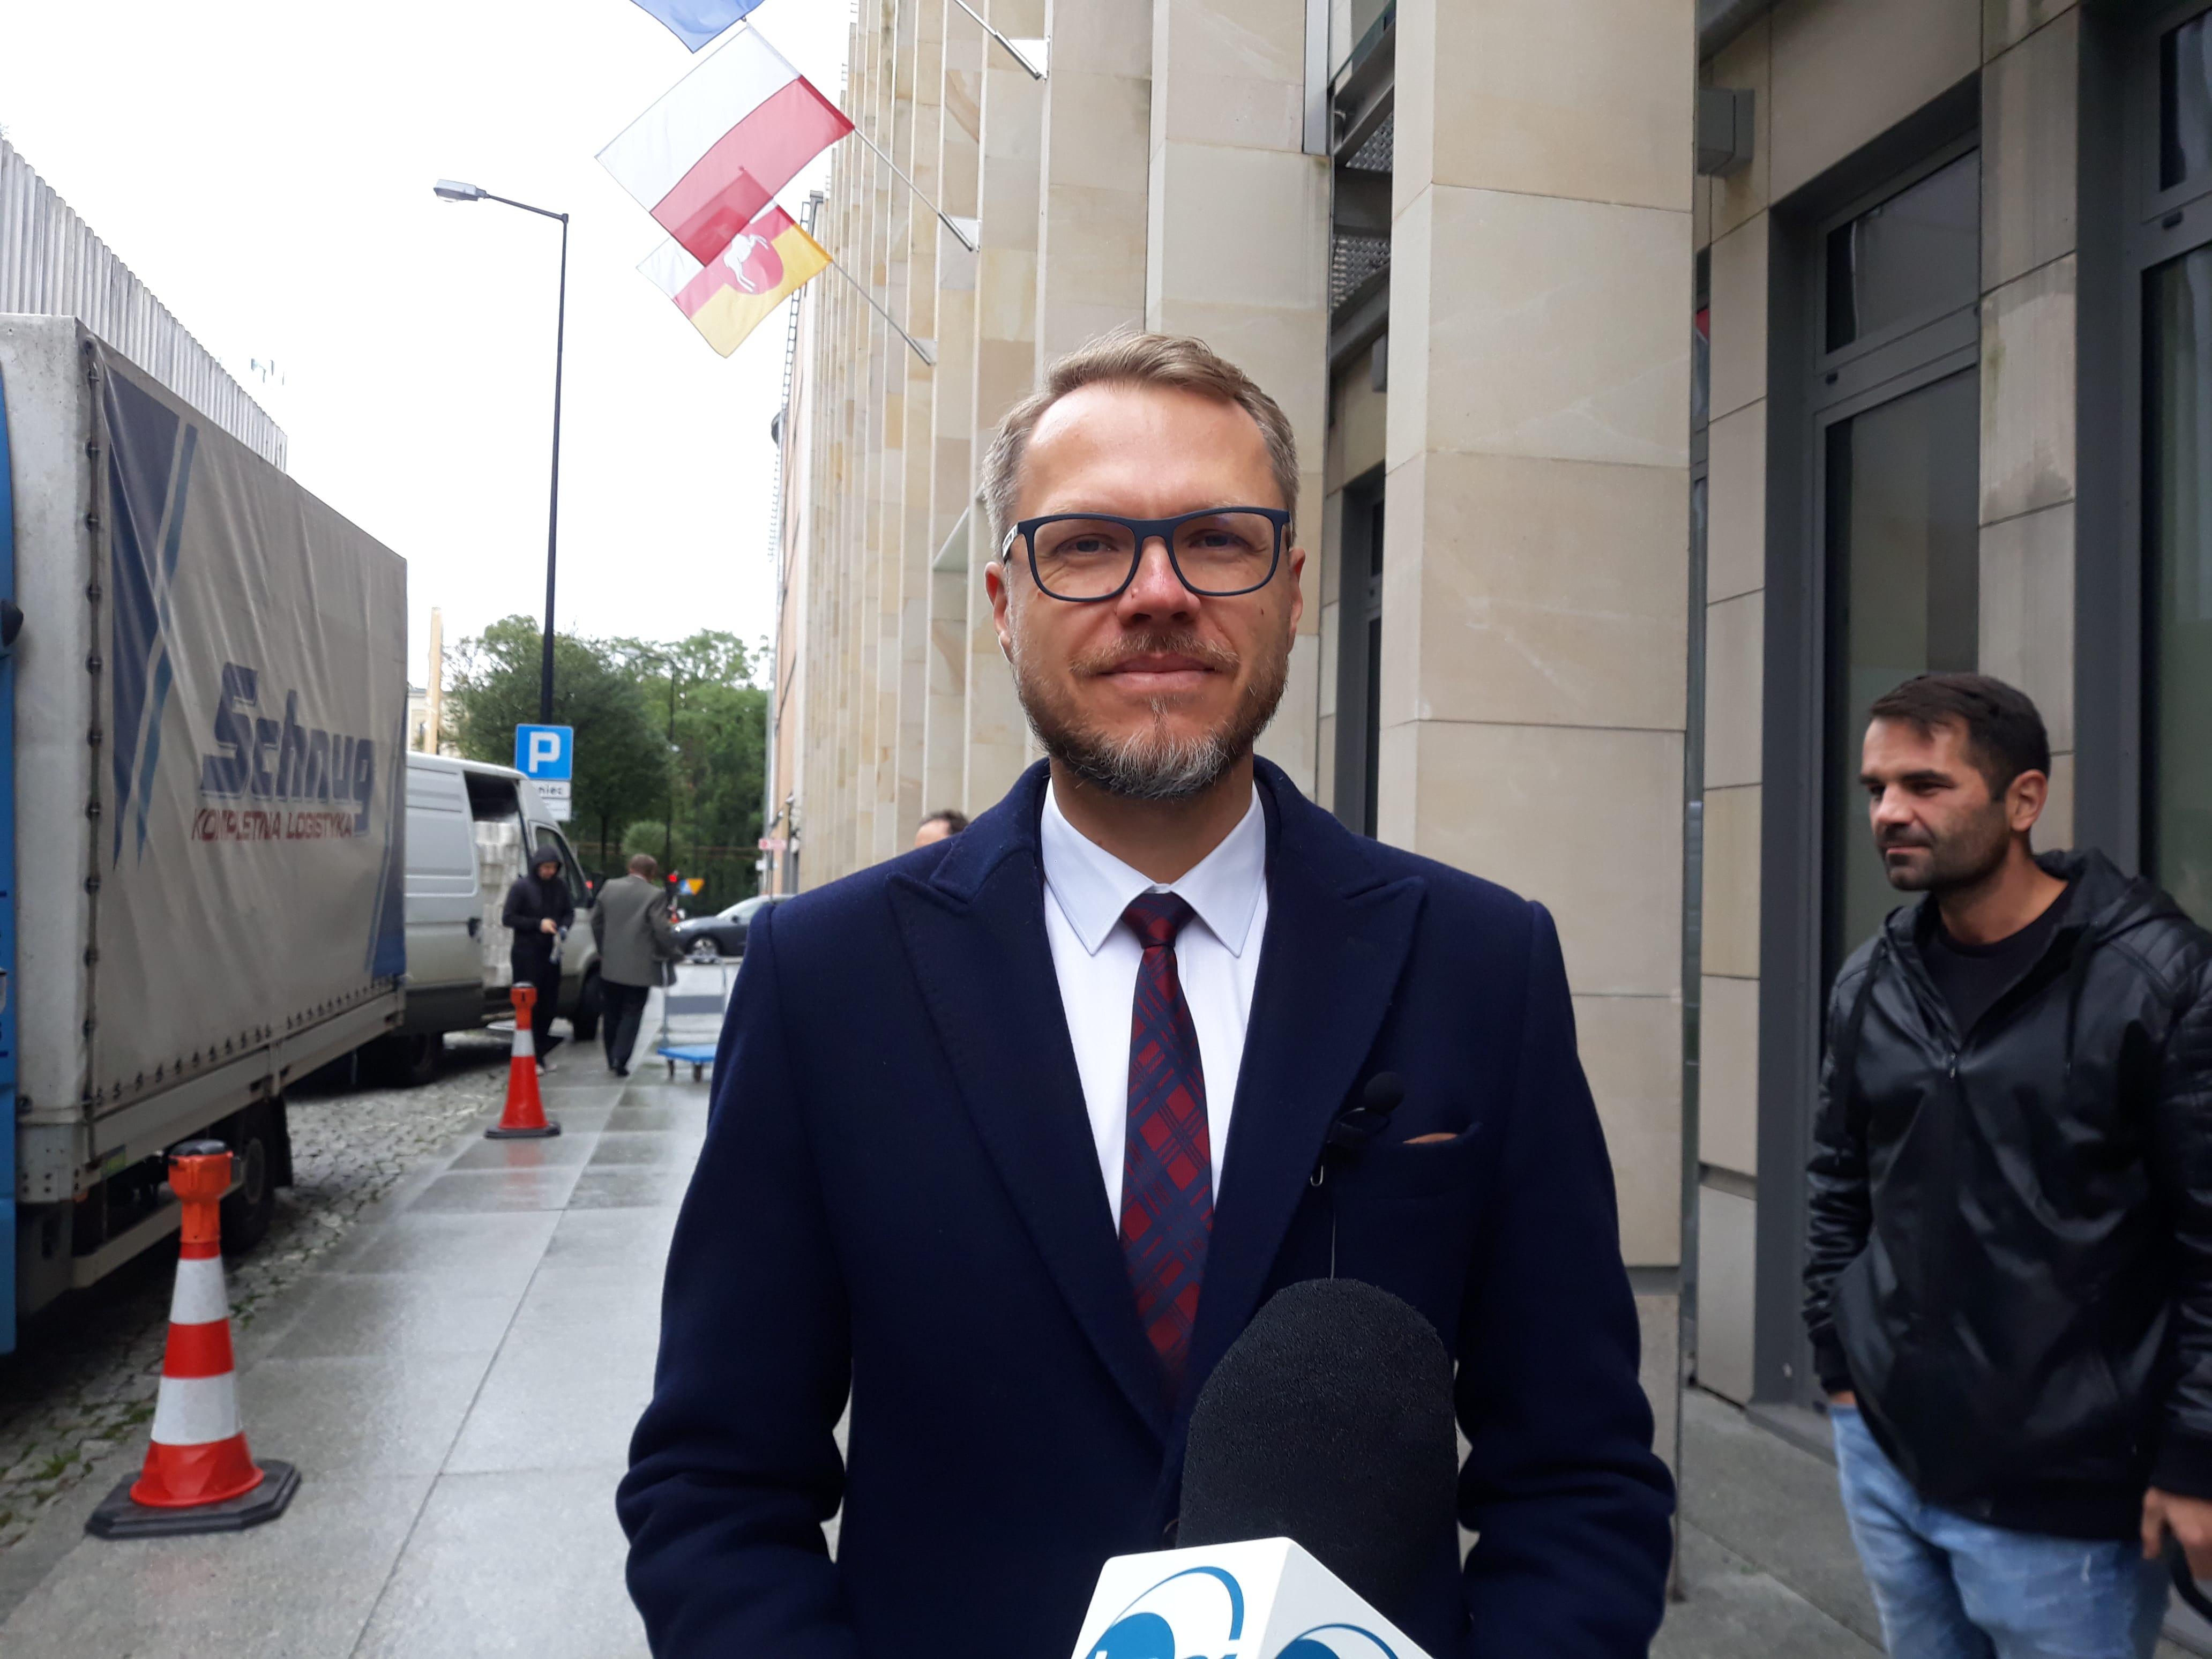 """Województwo lubelskie: Opozycja znów chce uchylenia uchwały """"anty LGBT"""" - Zdjęcie główne"""